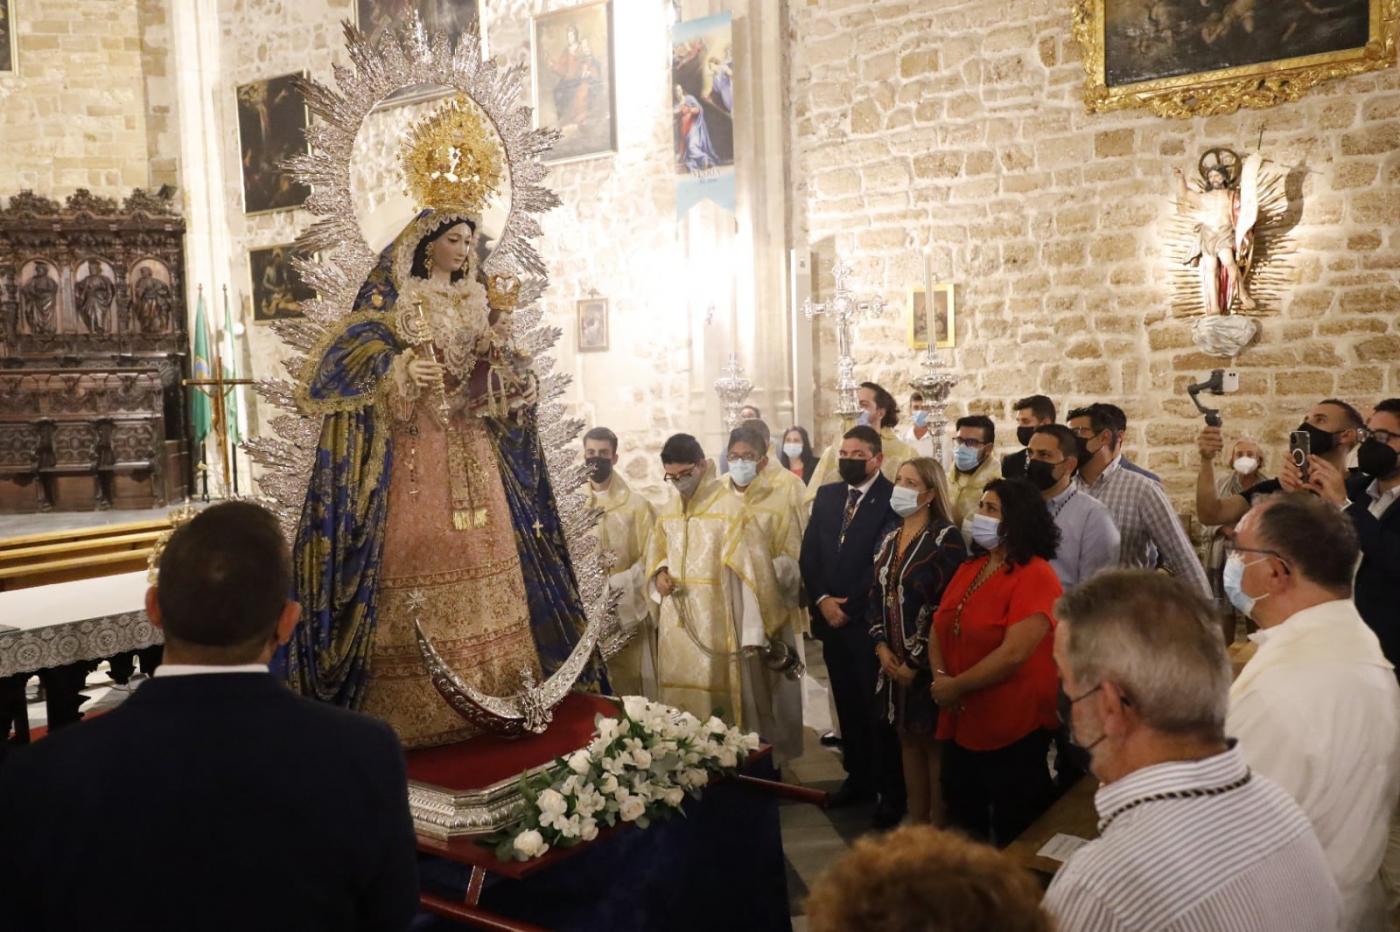 La Virgen del Rosario ya preside el altar mayor de la O antes del pregón de este domingo